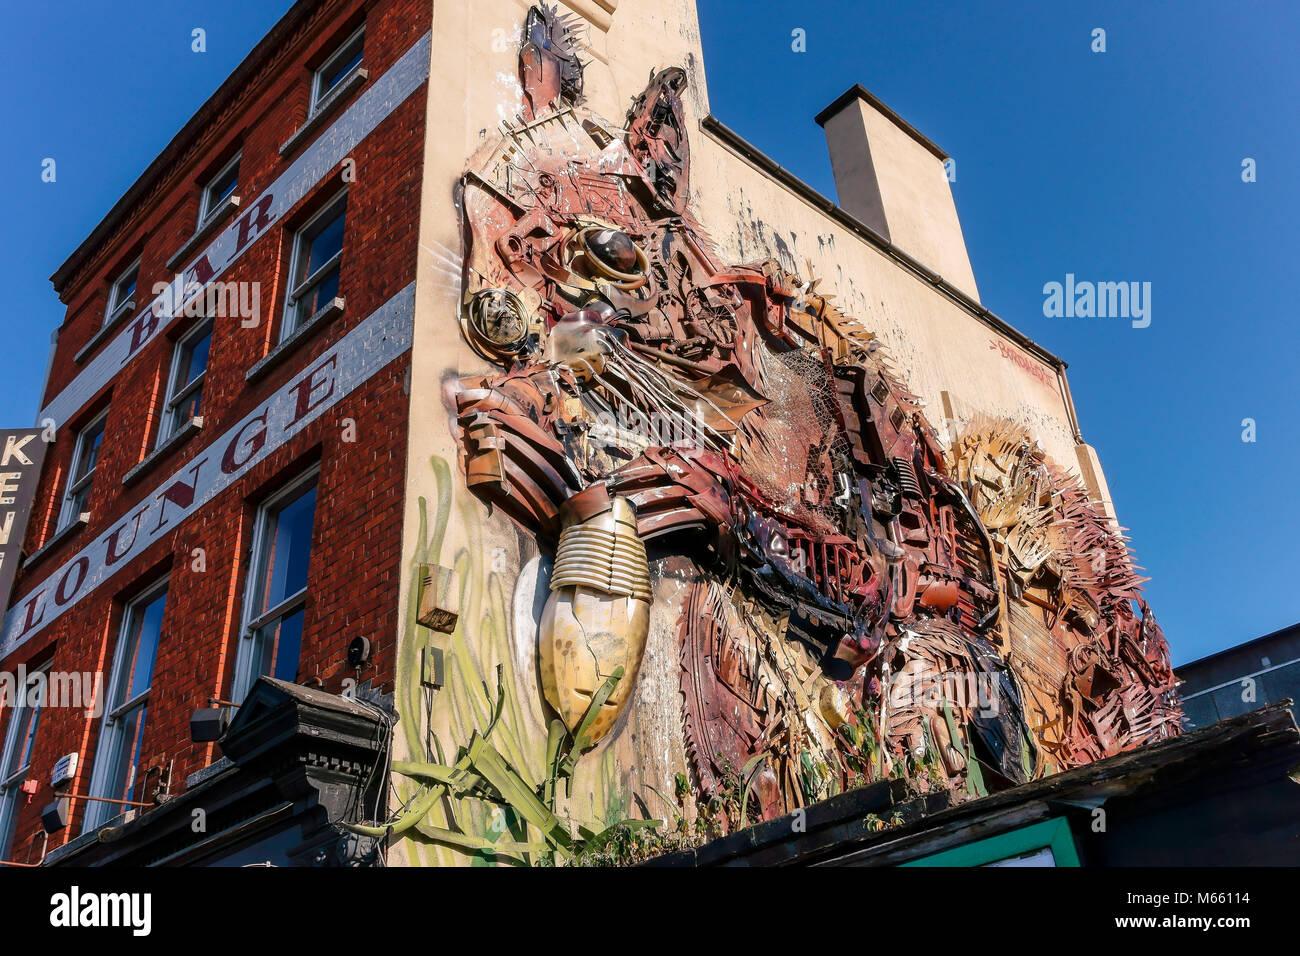 Travaux d'art sur l'atelier Gastro Pub façade. L'Écureuil roux, fabriqué à partir Photo Stock